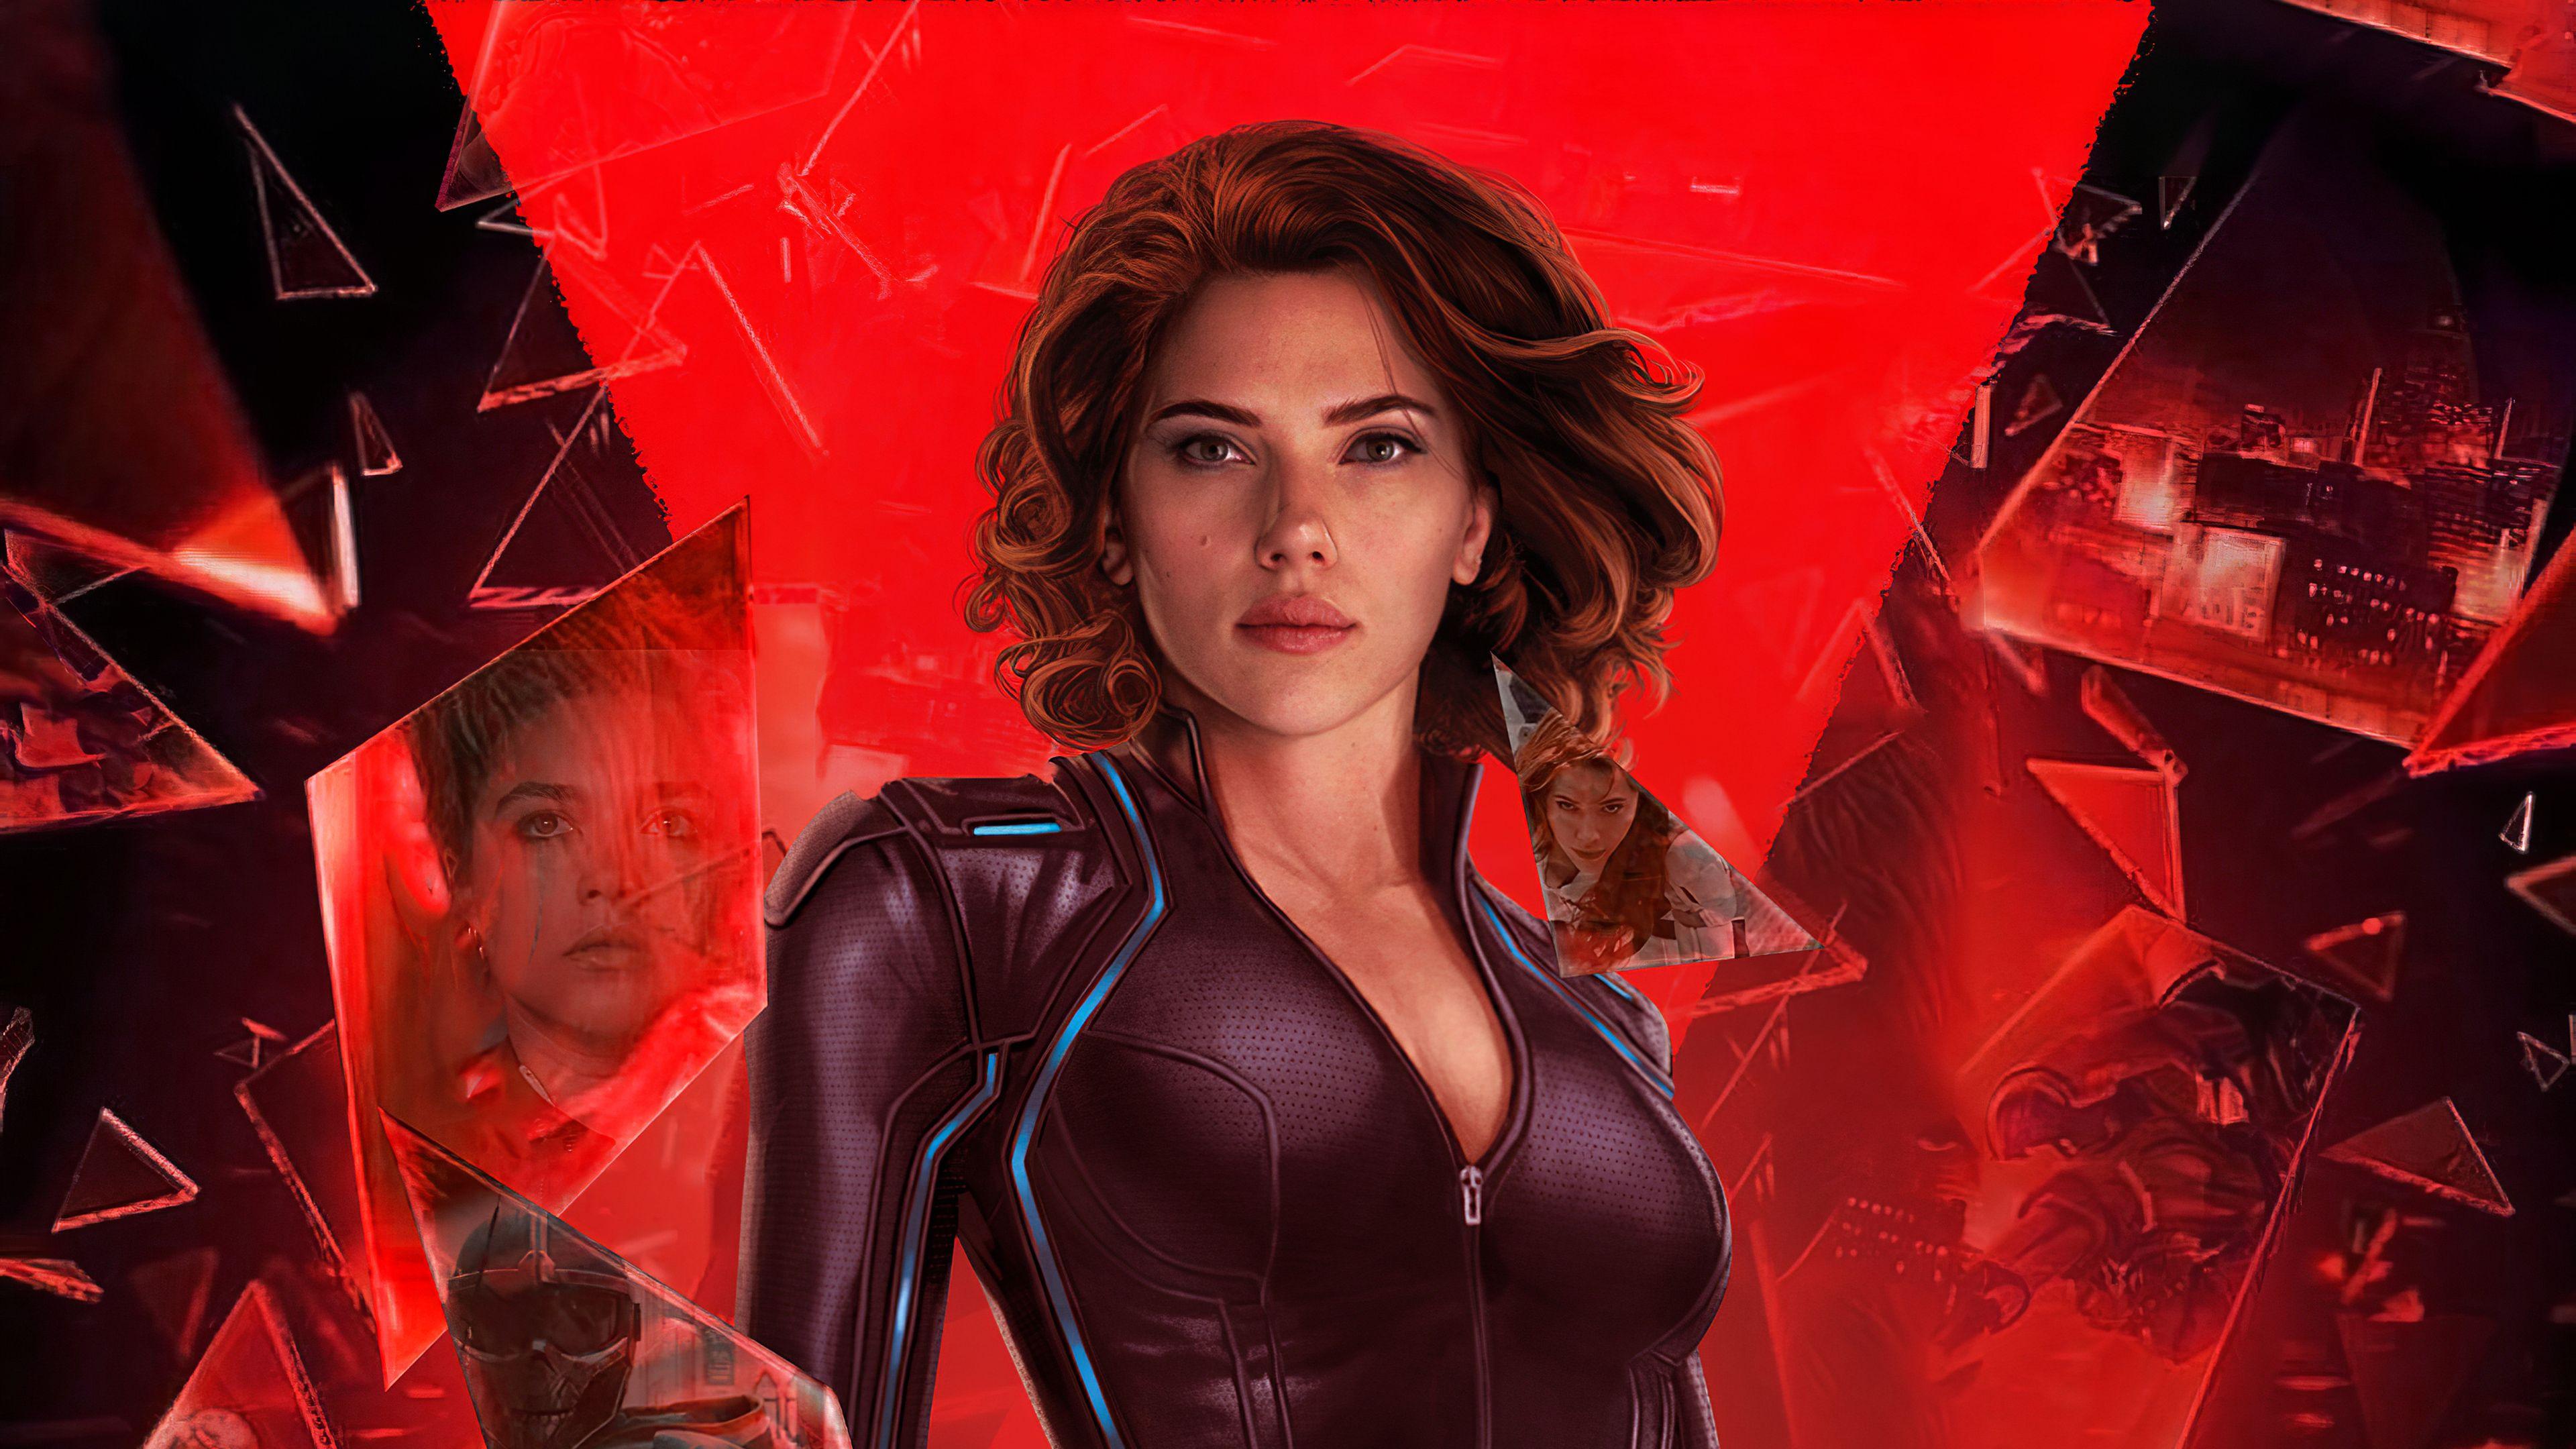 Watch 143 Superheroes Epicheroes Fanmade Trailer Tribute In 2020 Black Widow Movie Black Widow Marvel Scarlett Johansson Marvel